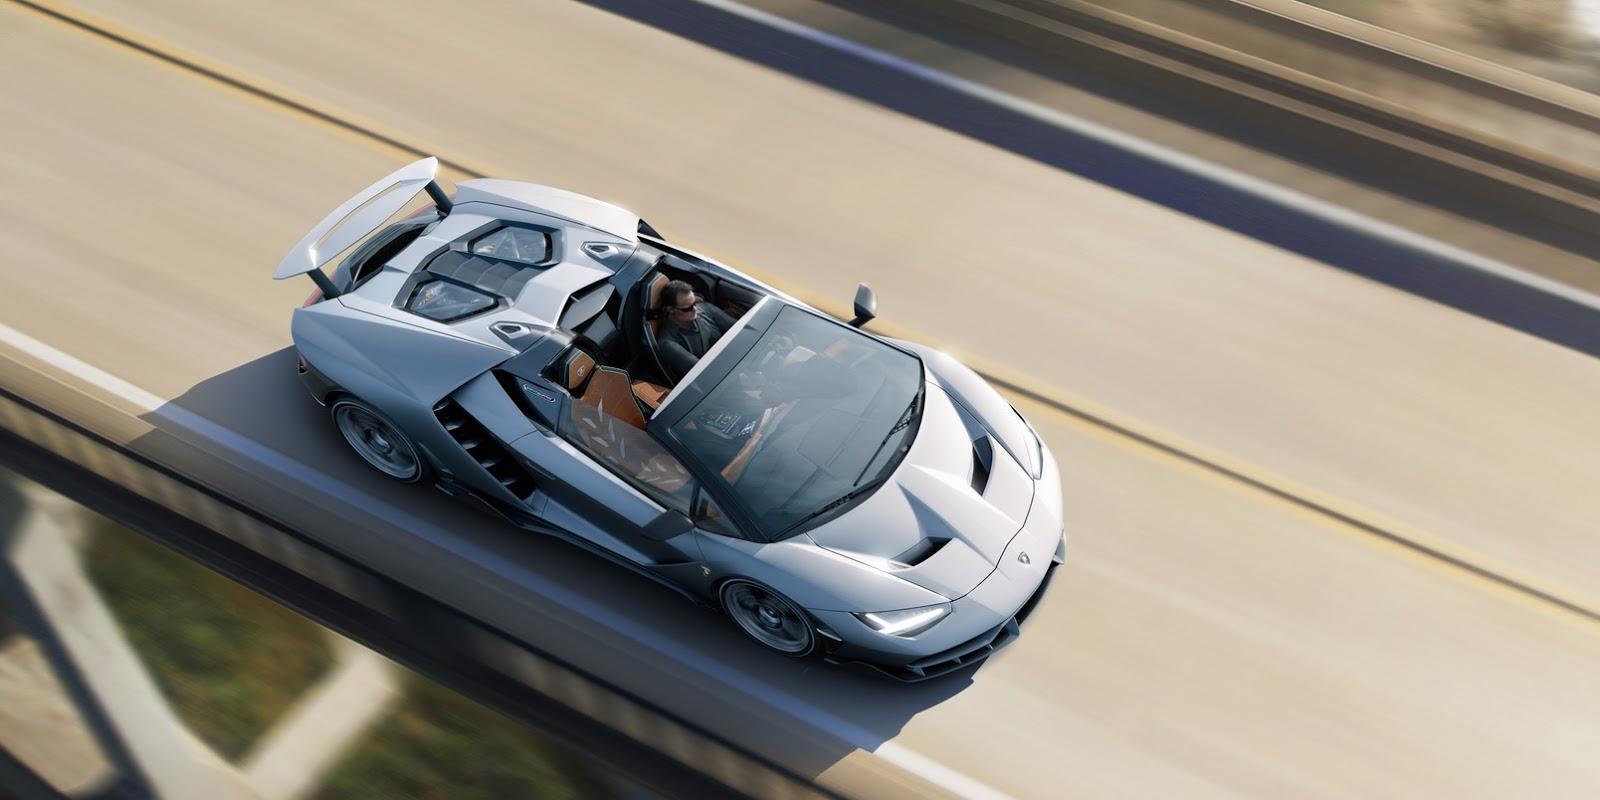 Lamborghini Centenario Roadster photo gallery